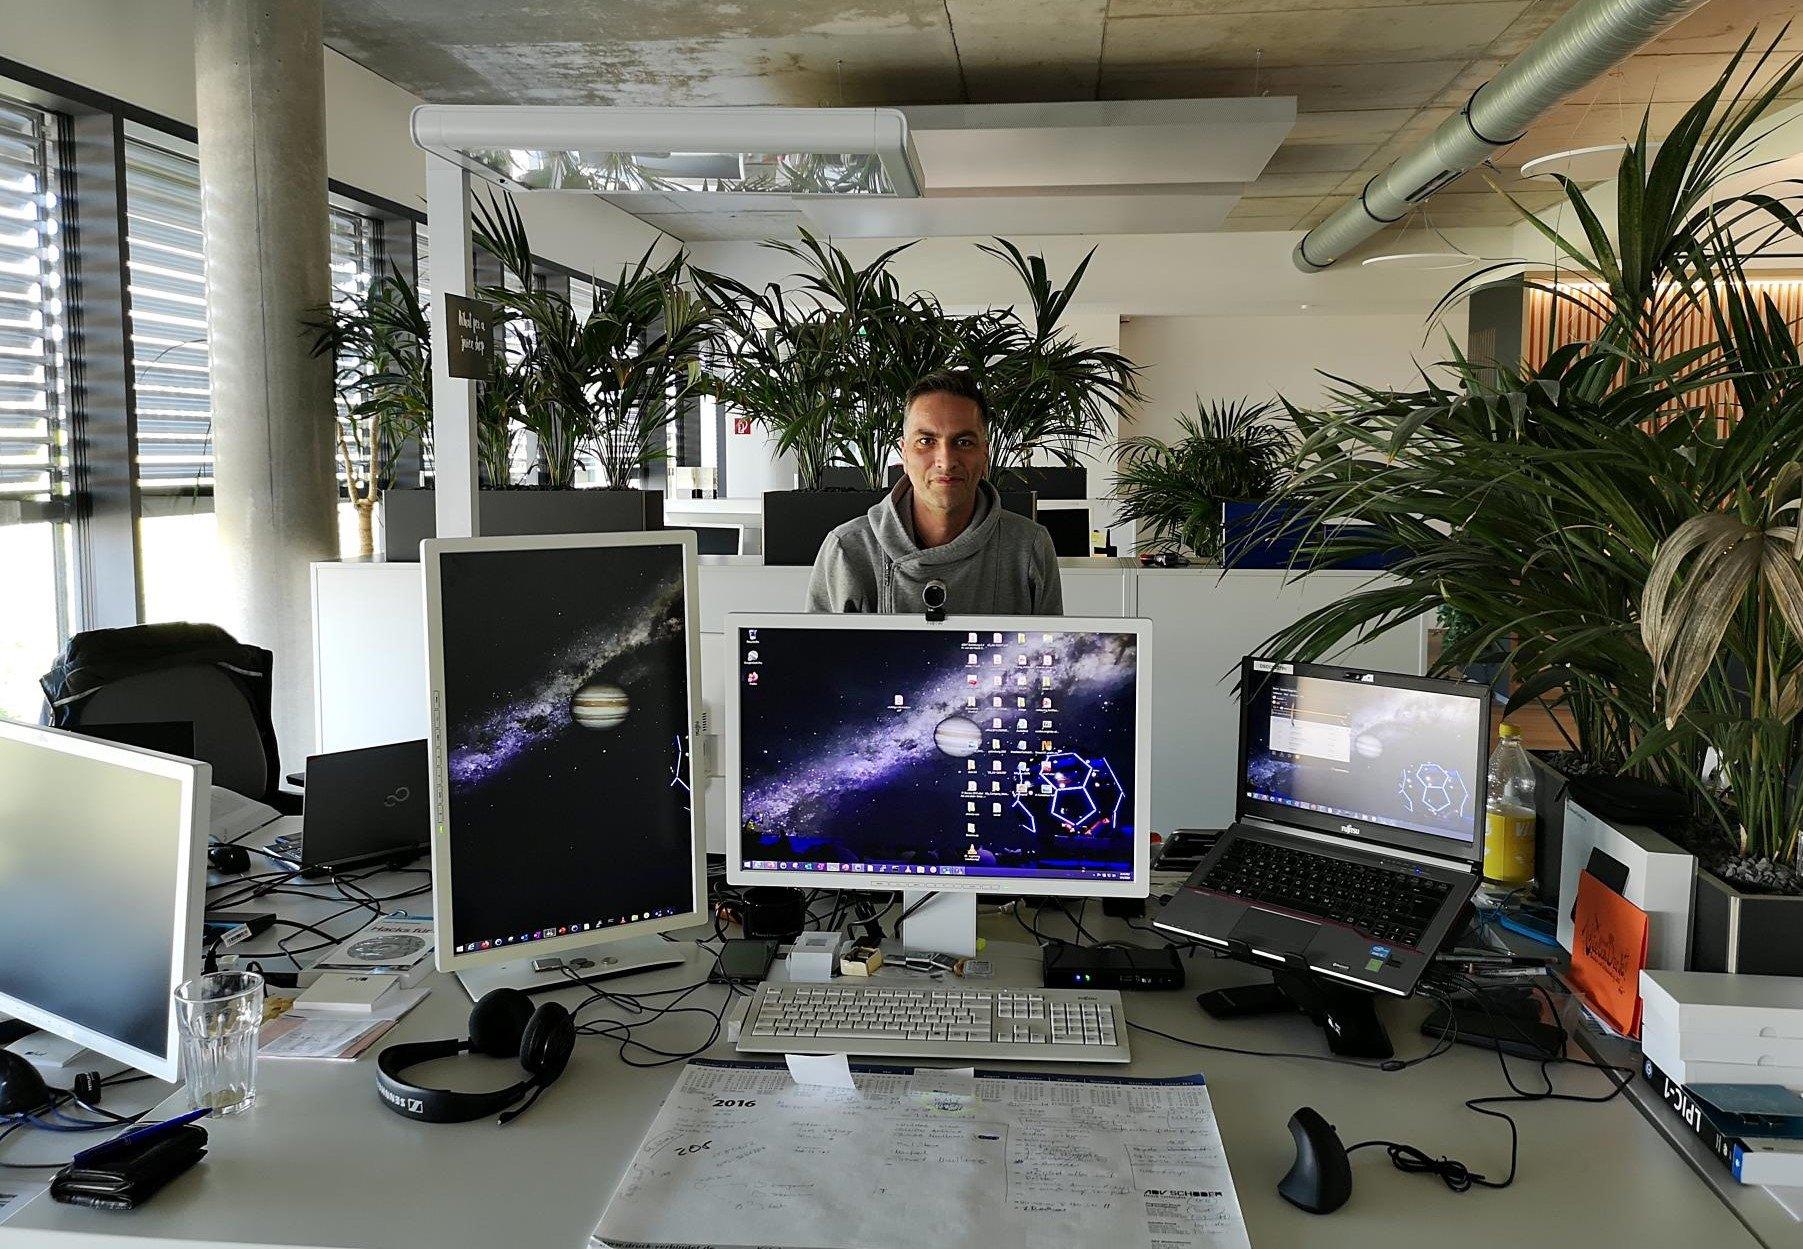 Carstens Arbeitsplatz ist minimalistisch gehalten